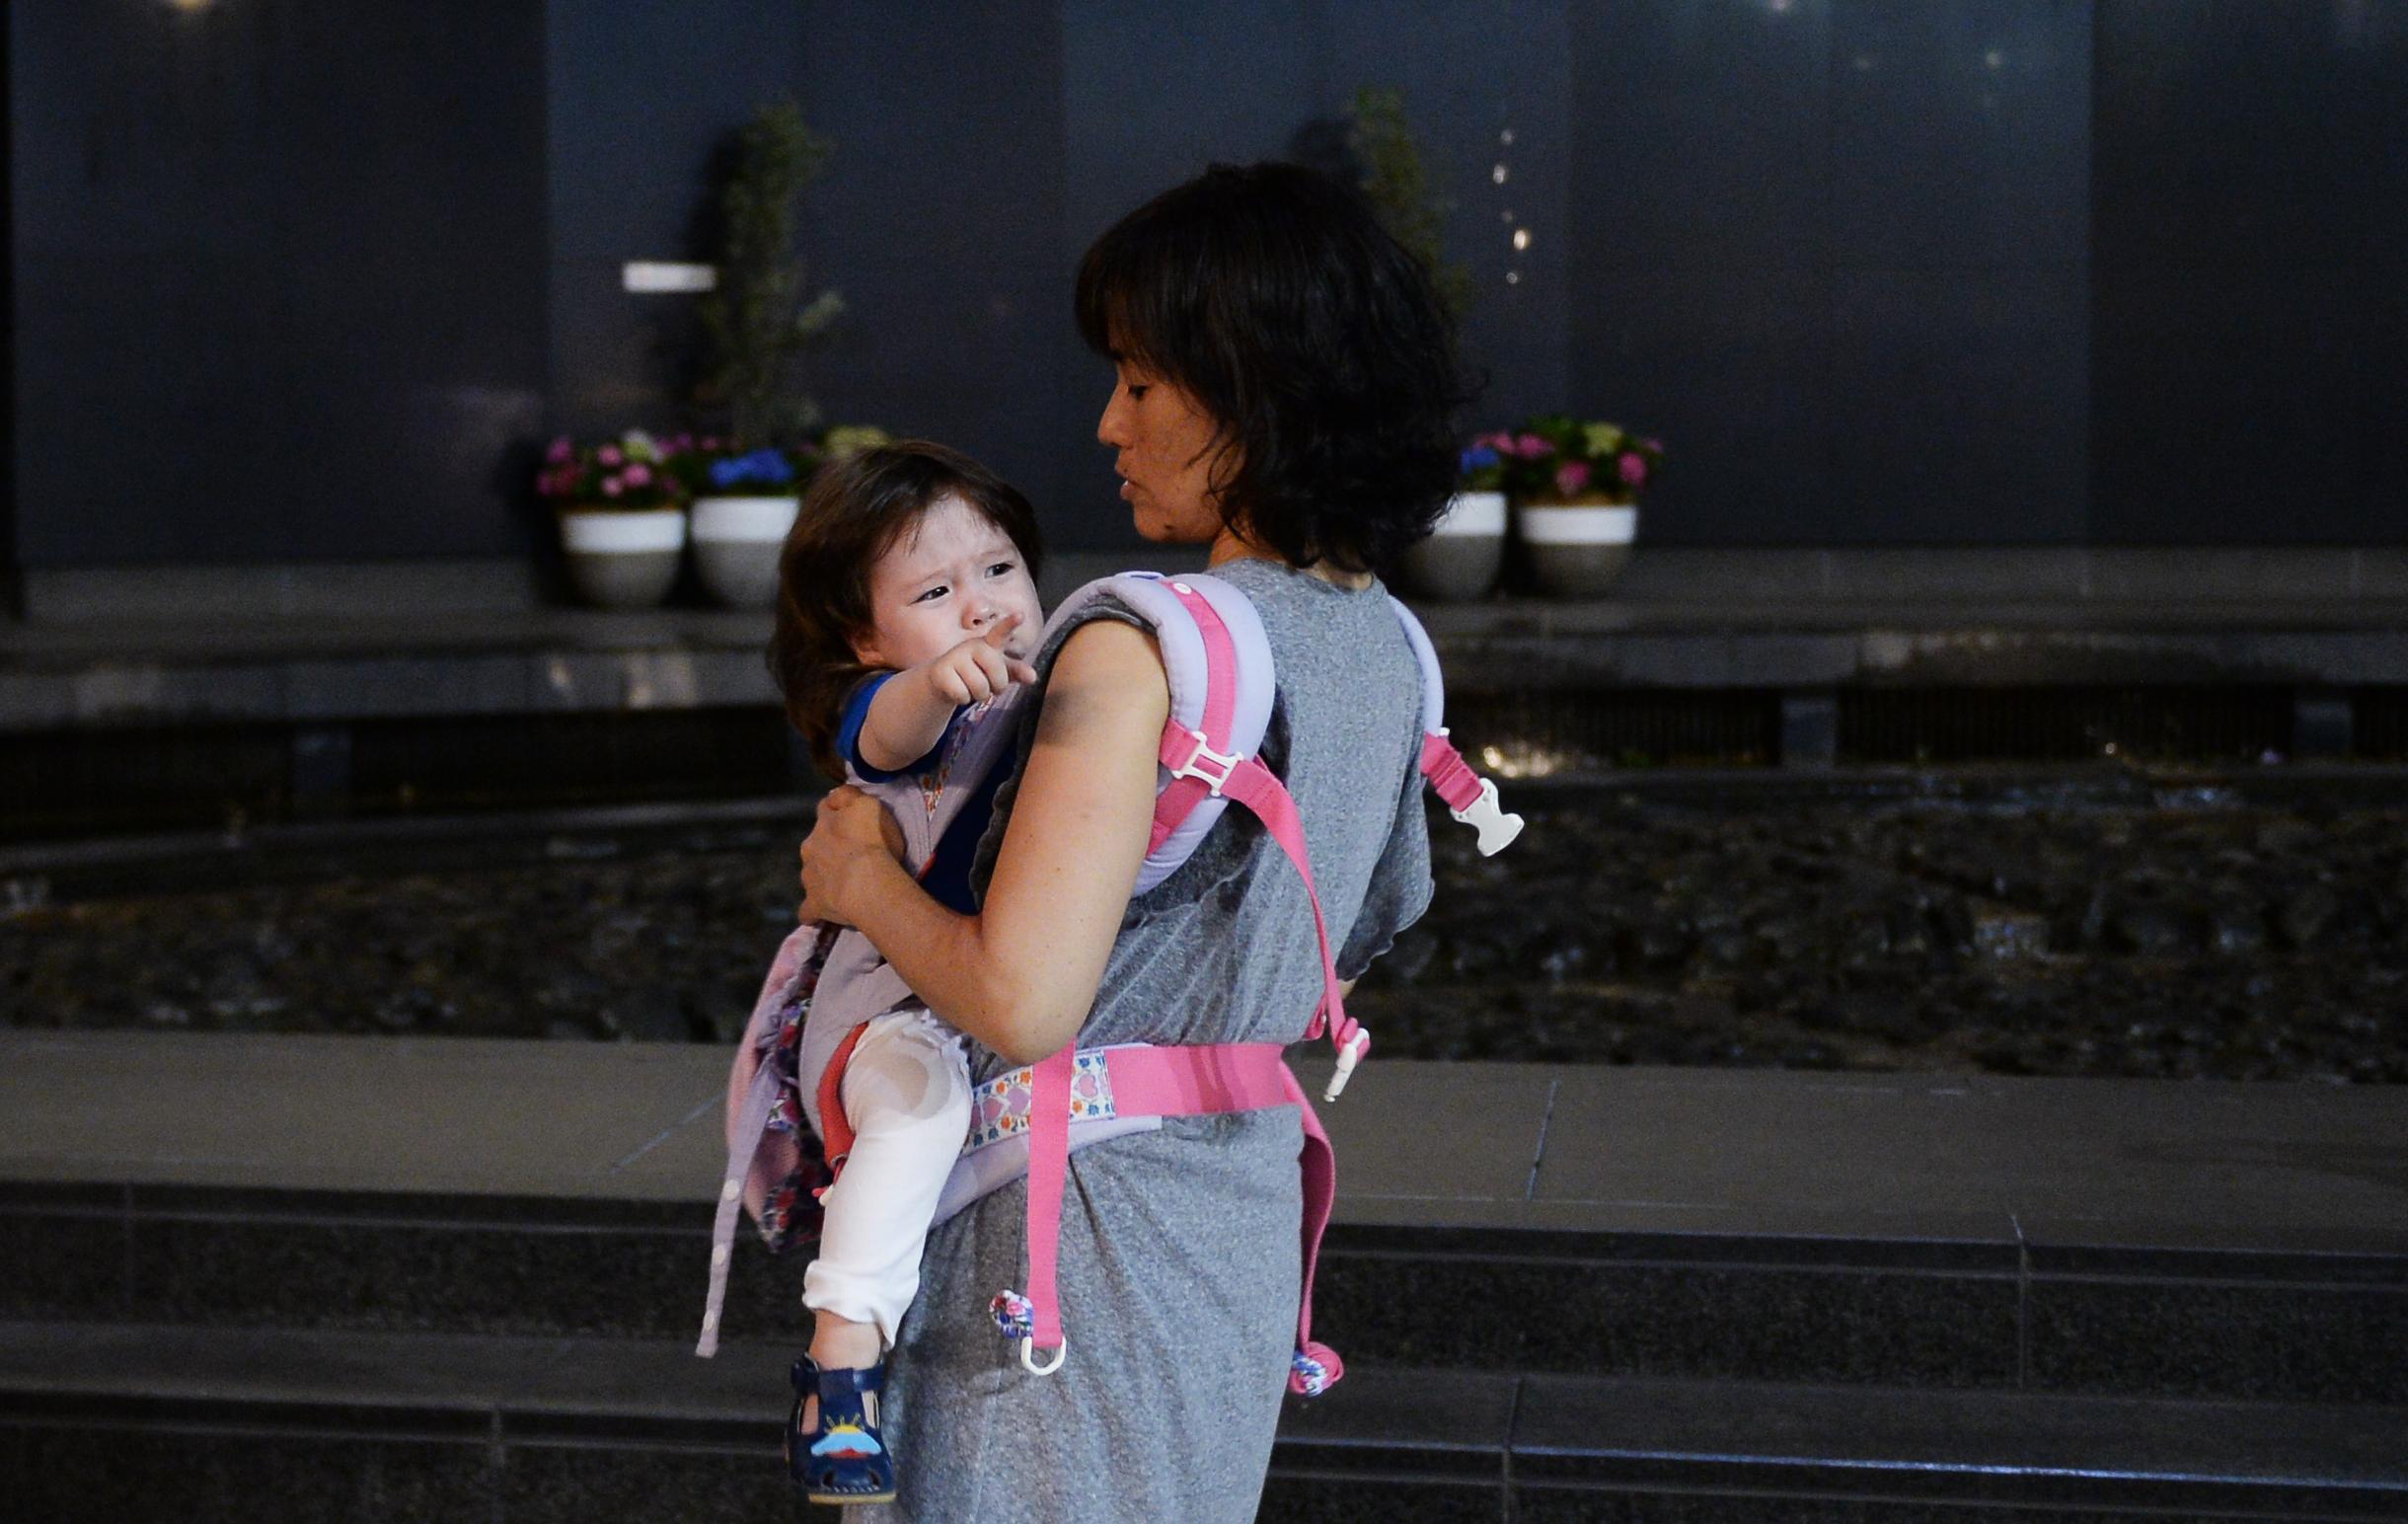 Egy japán nő bevitte a 7 hónapos gyerekét az önkormányzati ülésre, az elnök kivezettette a teremből